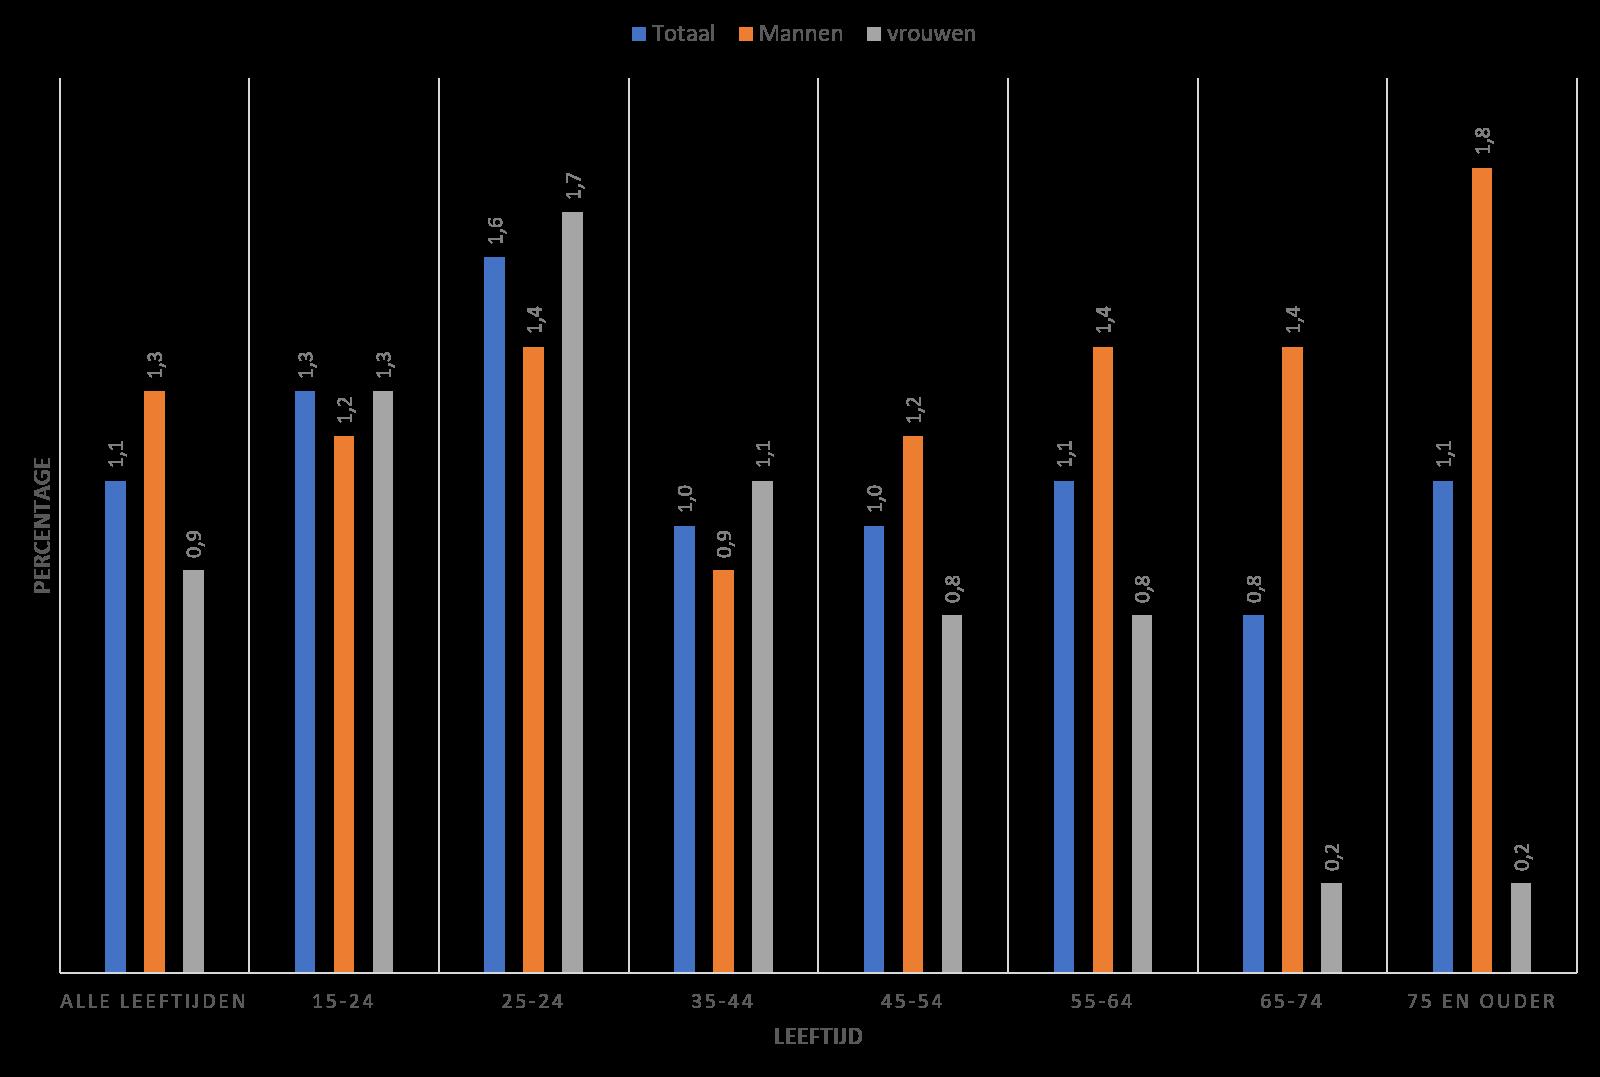 Grafiek met data van Frisch et al. 2019 waarin de data per geslacht en per leeftijdsgroep is uitgesplitst.